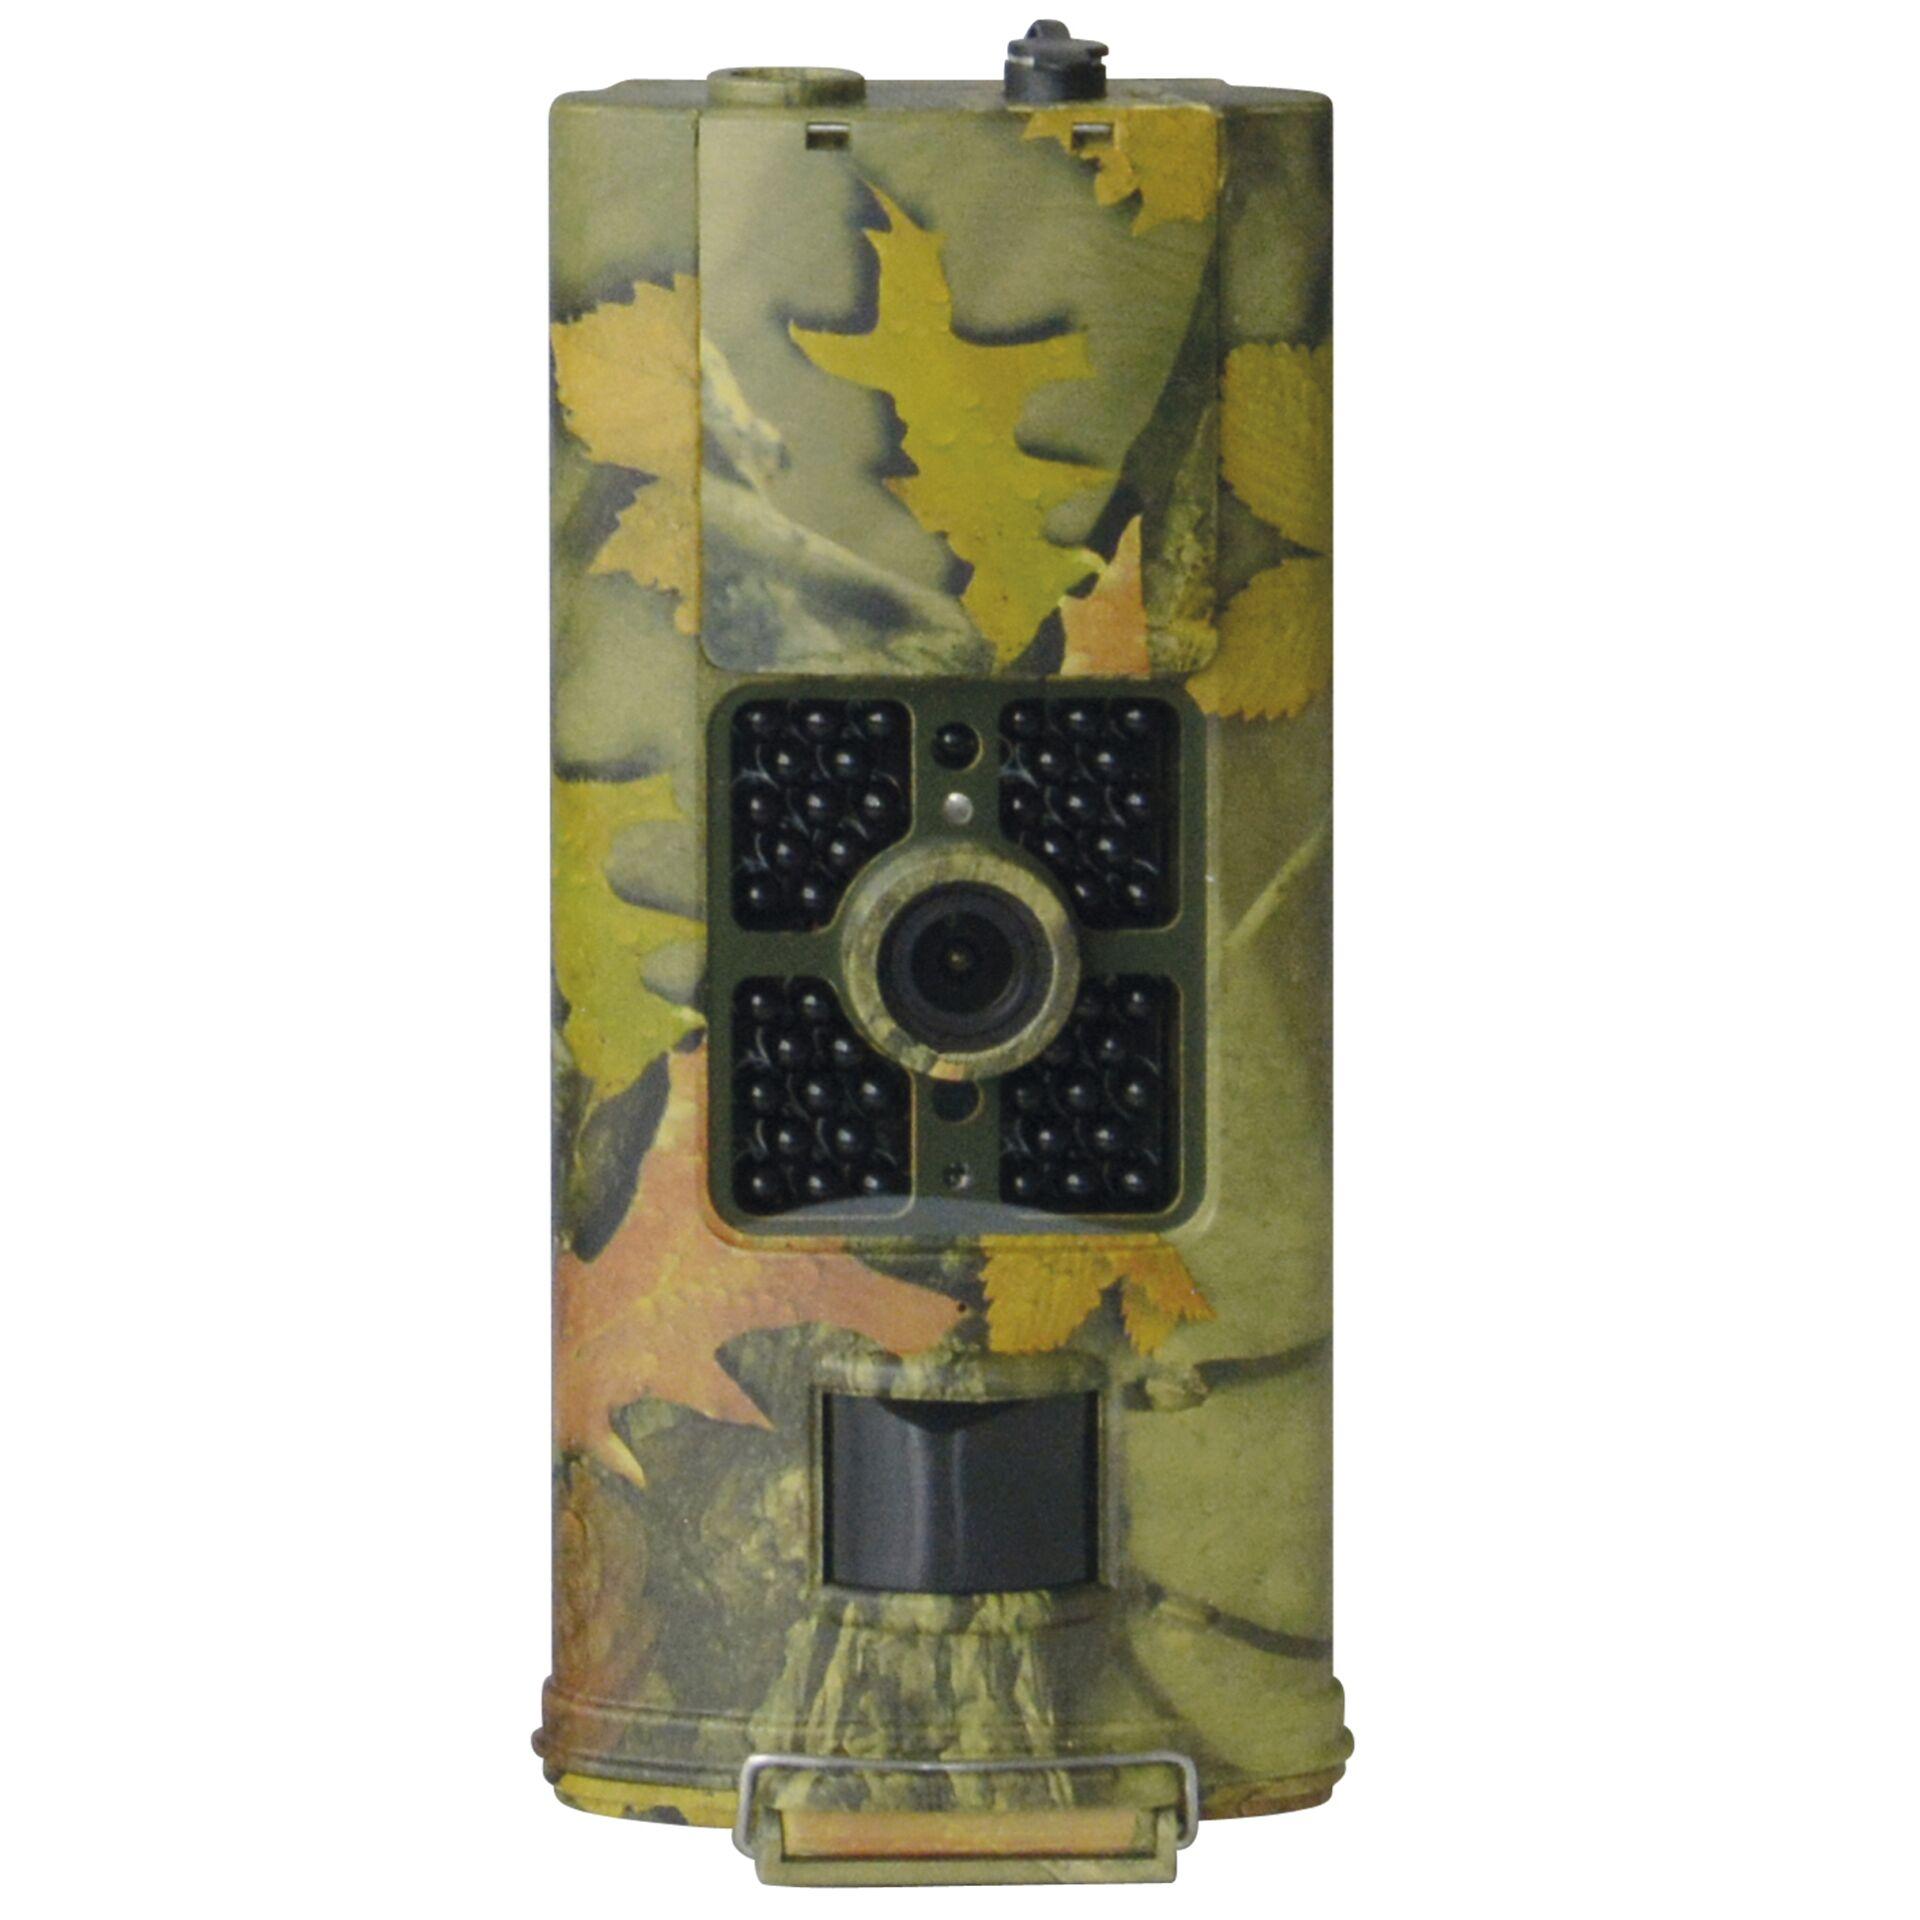 Braun Scouting Cam Black 700